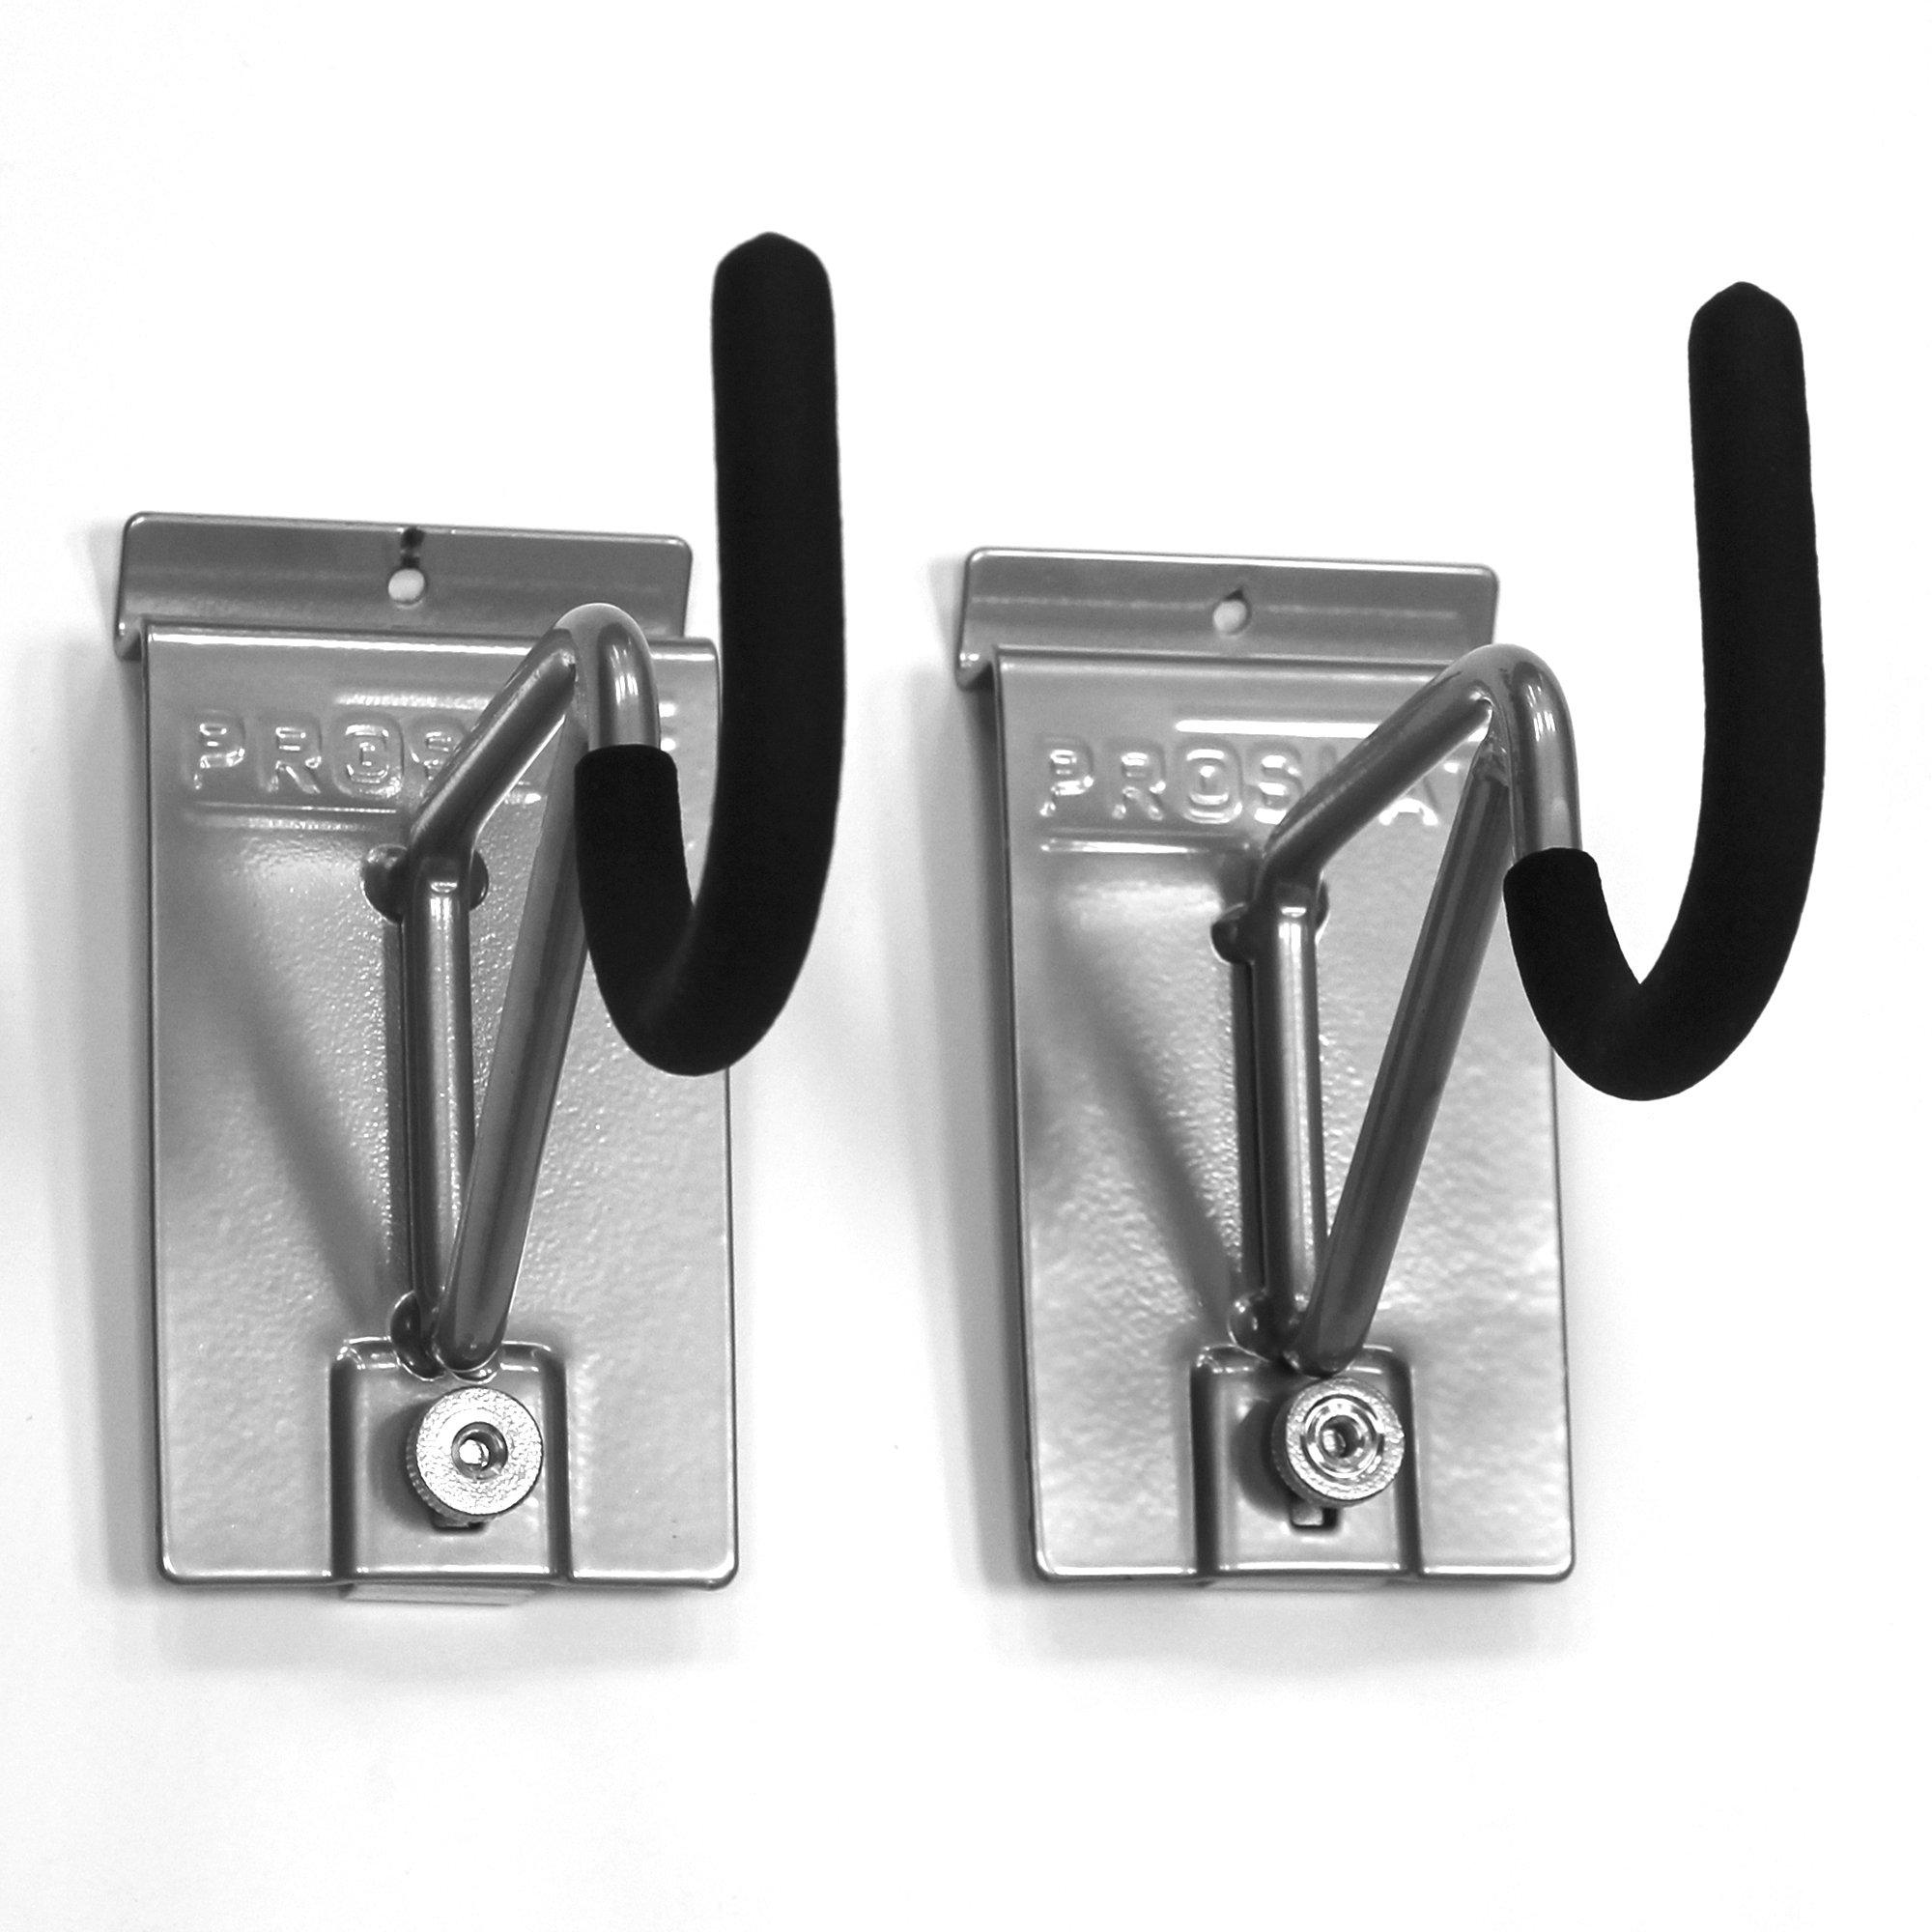 Proslat 13012 Super Duty/Bike Hooks Designed for Proslat PVC Slatwall, Locking, 2-Pack